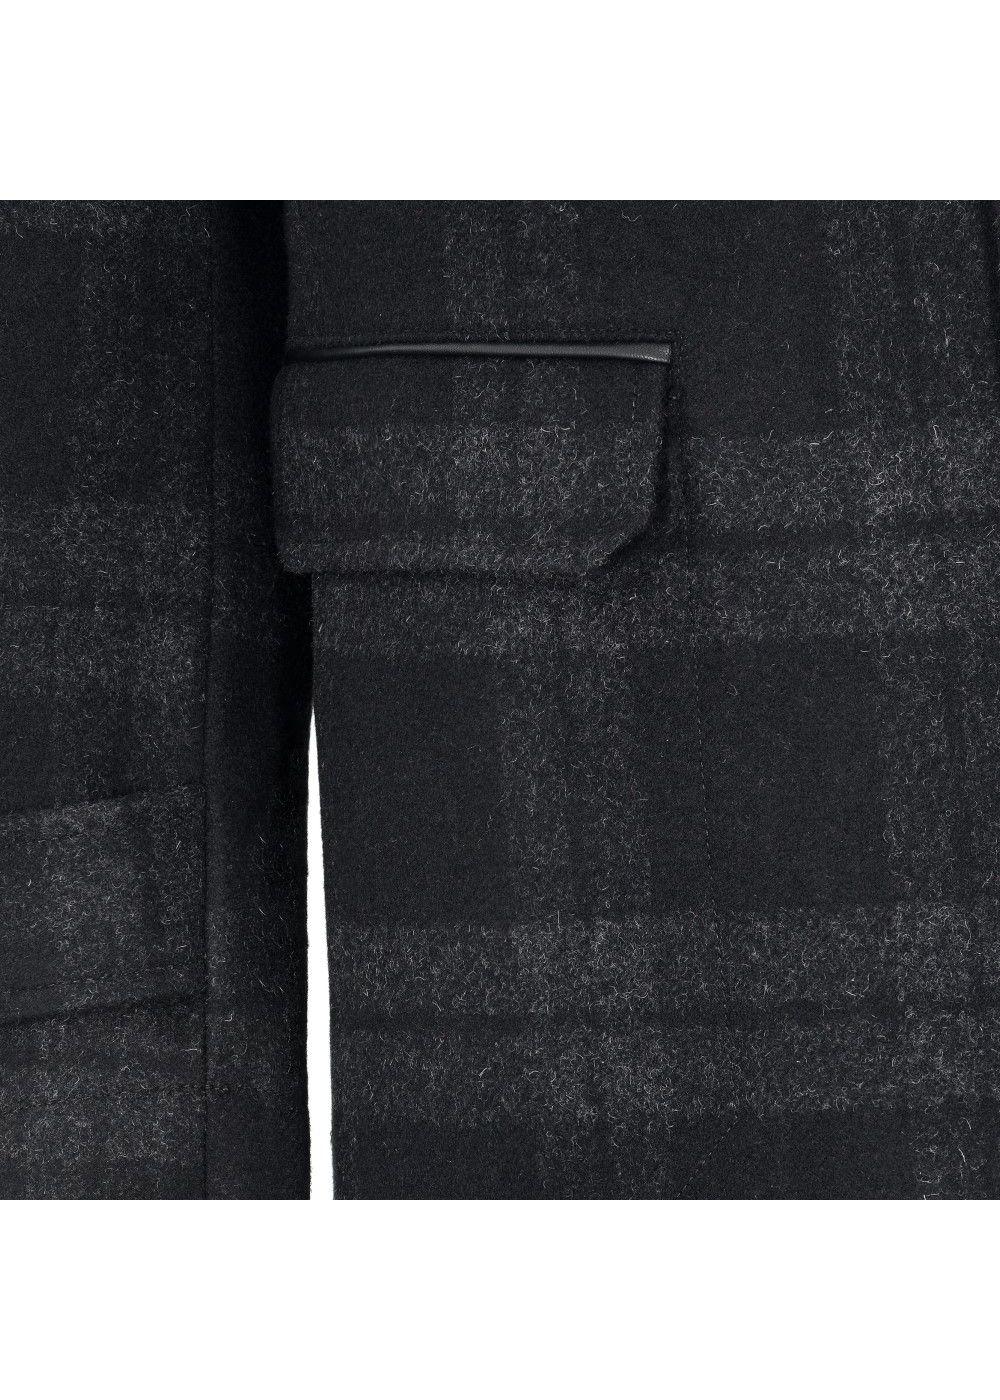 Kurtka męska KURMT-0062-96(Z17)